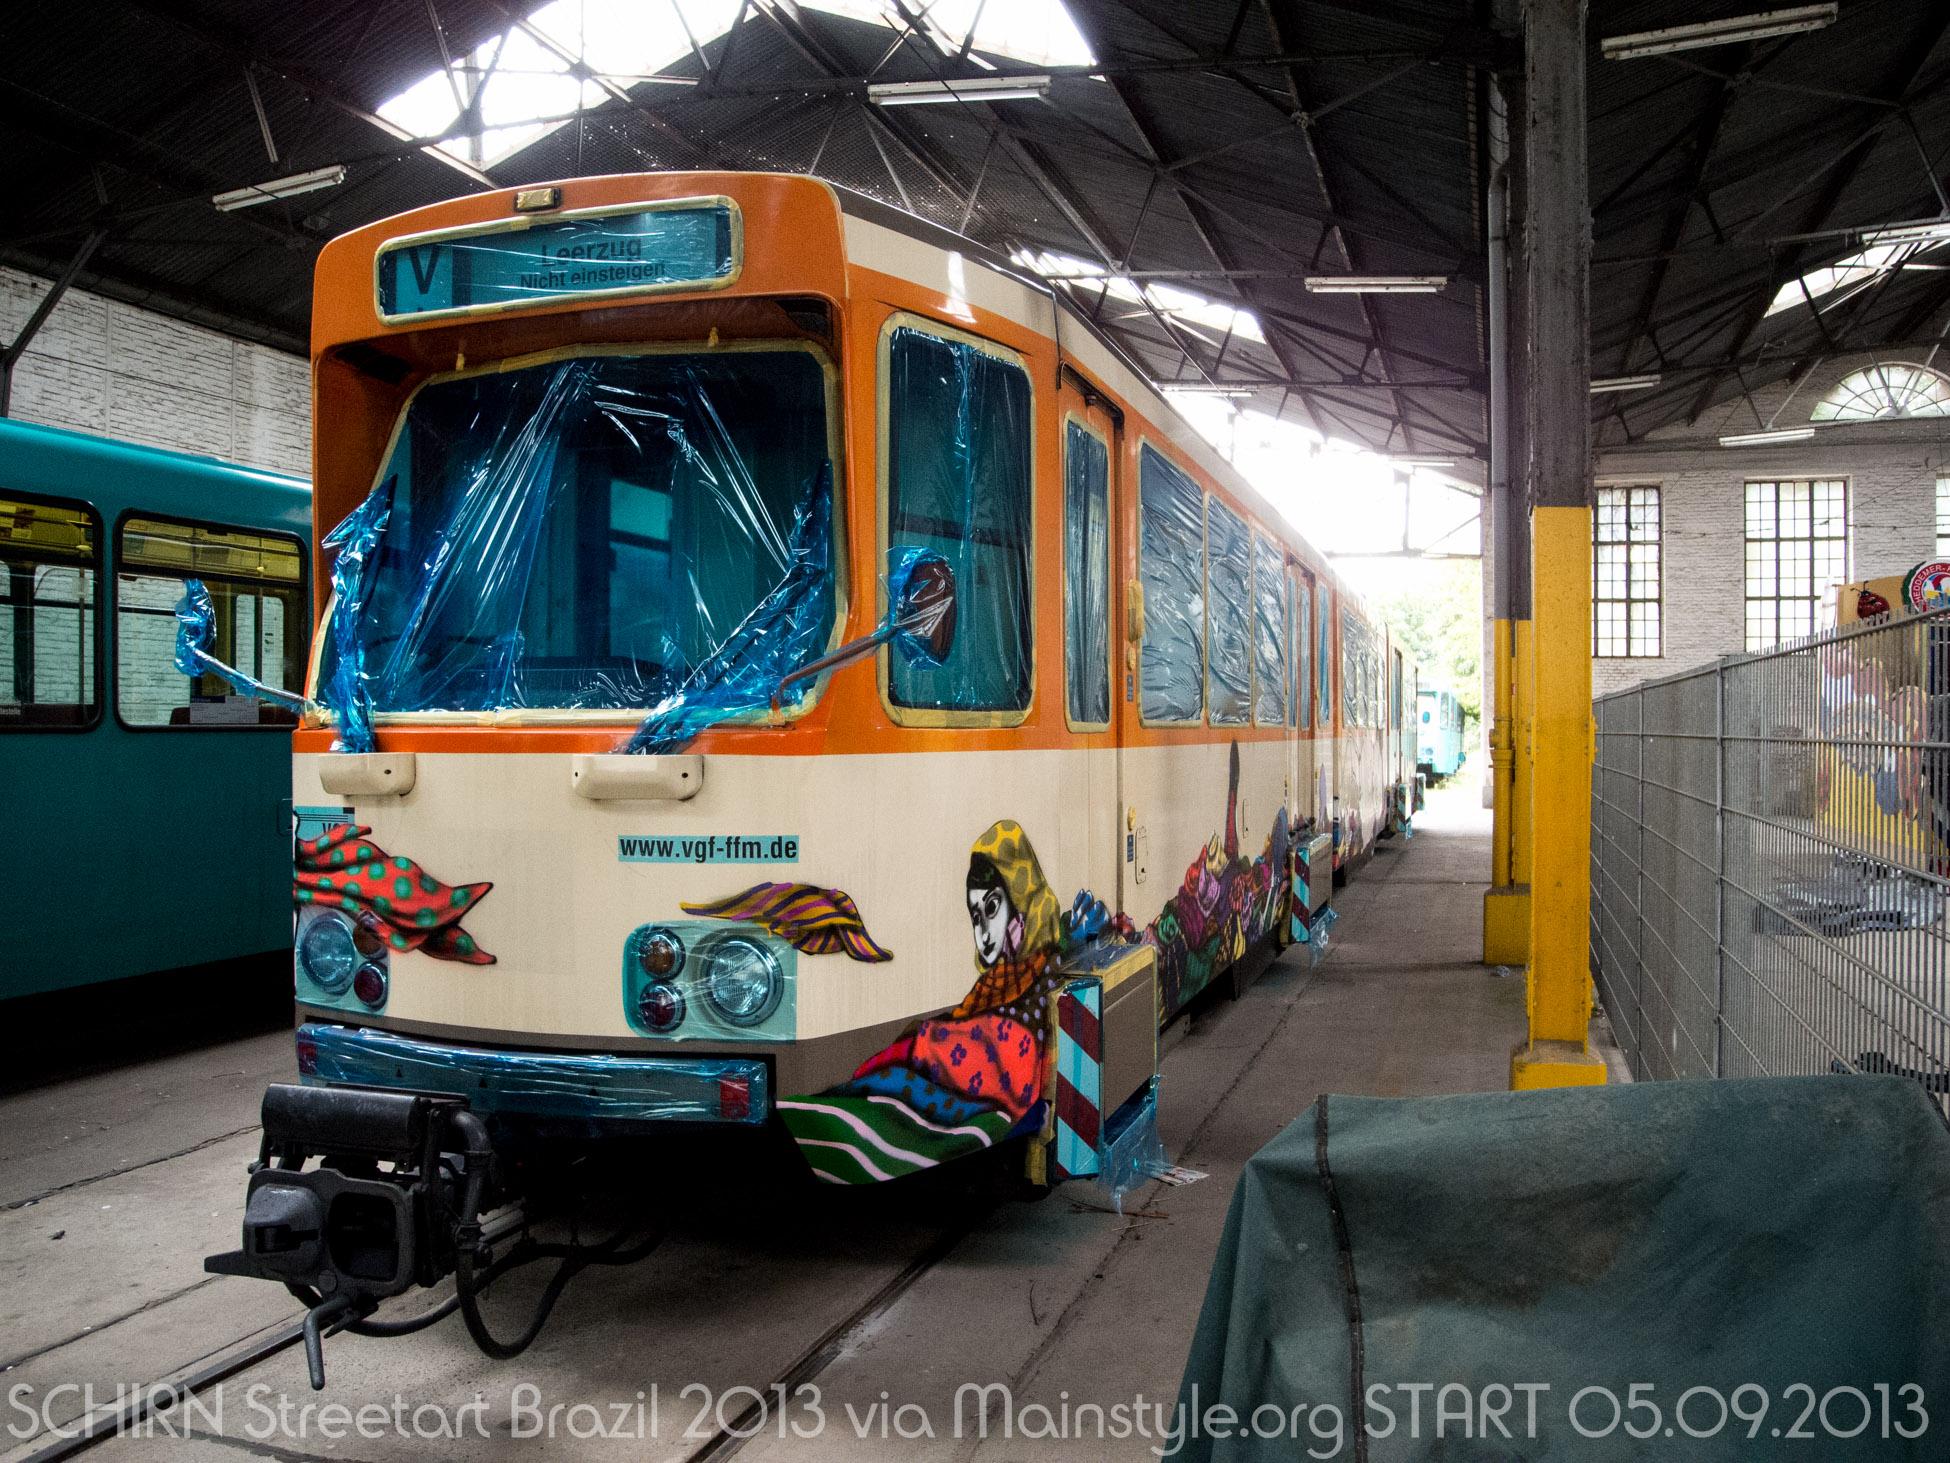 Streetart Brazil SCHIRN Frankfurt 2013_ (25 von 25)